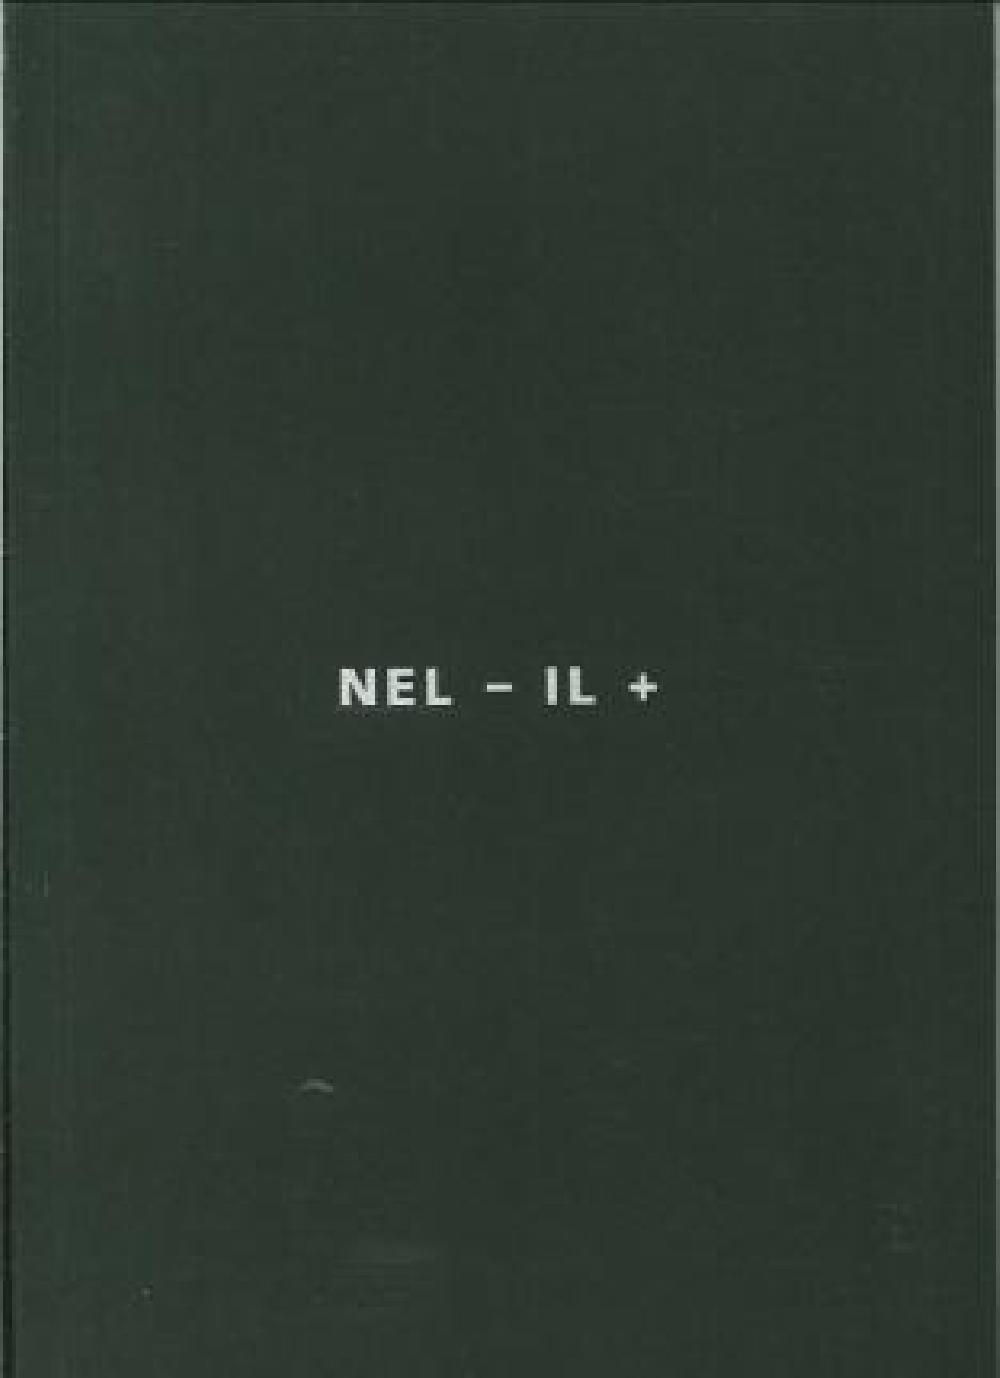 Nel - il + Livio Vacchini Disegni 1964-2007